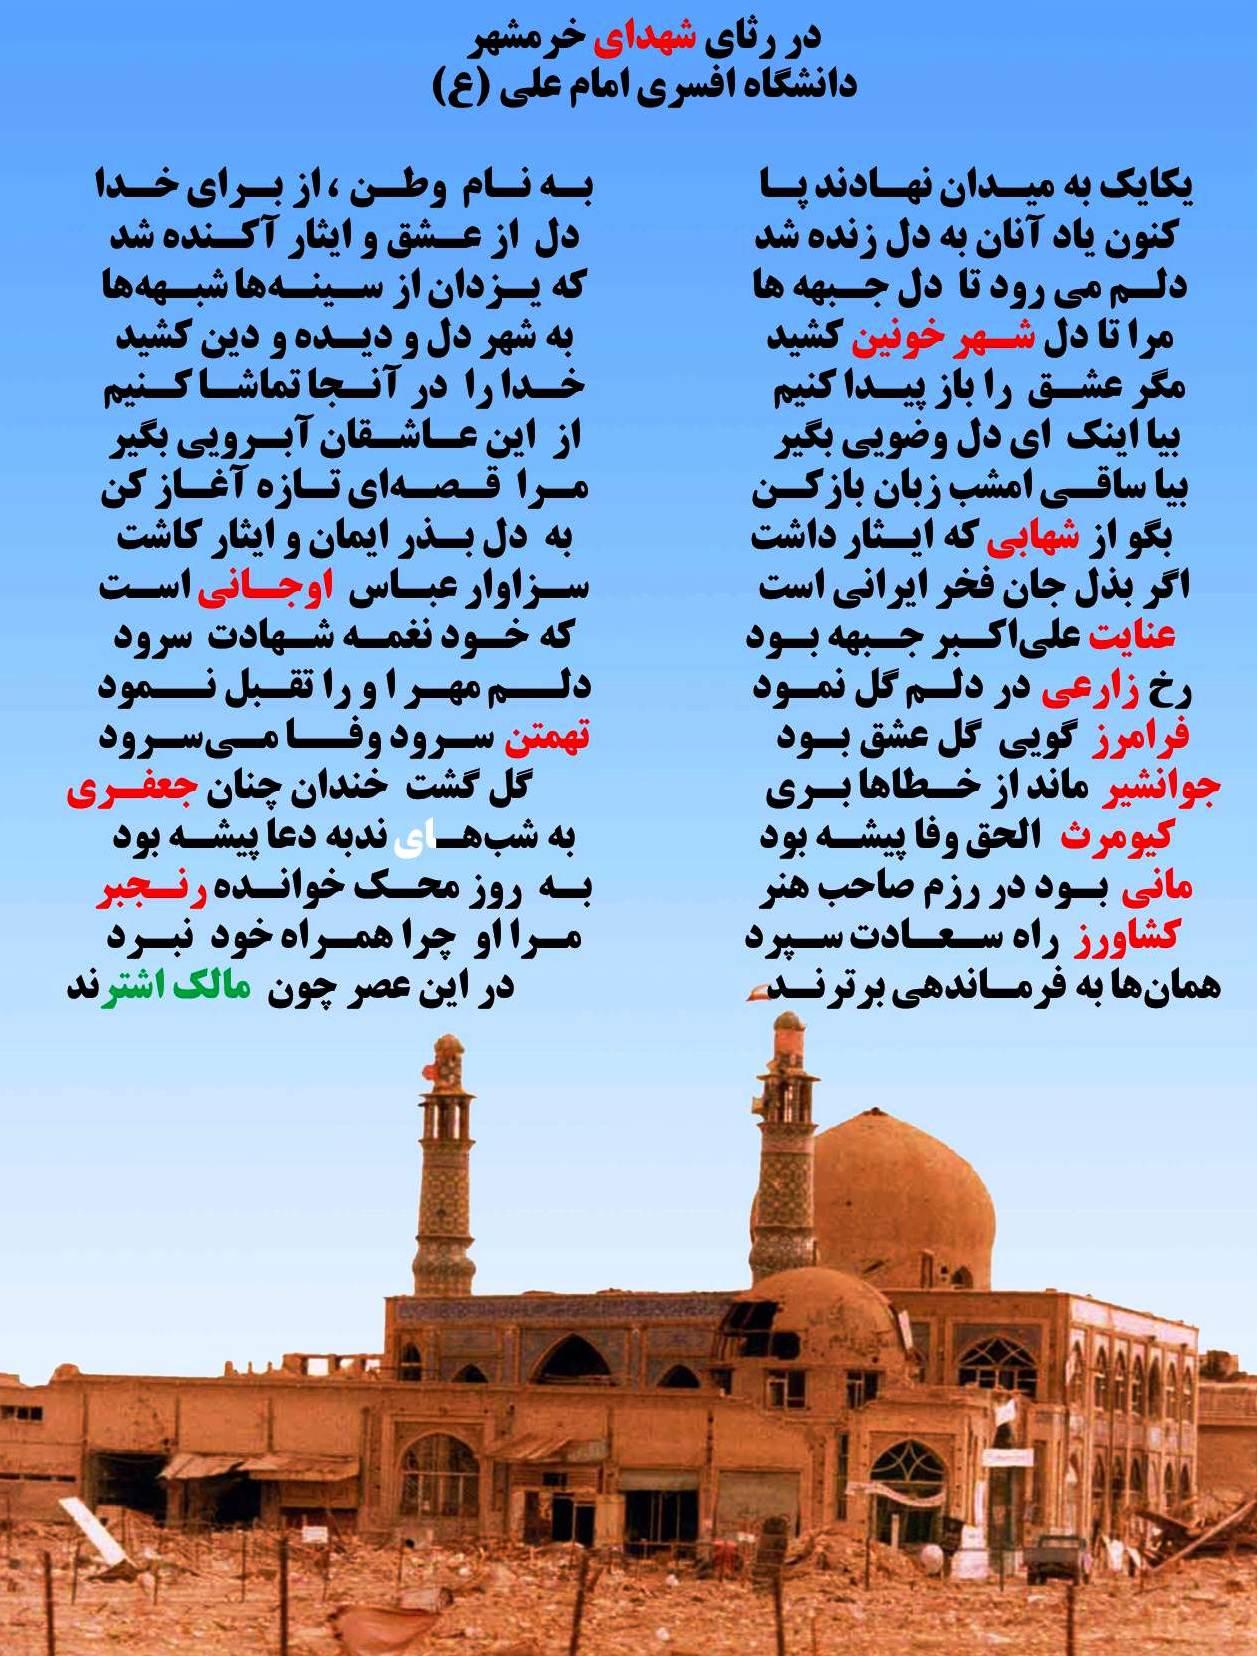 شهدای دانشگاه امام علی (ع)